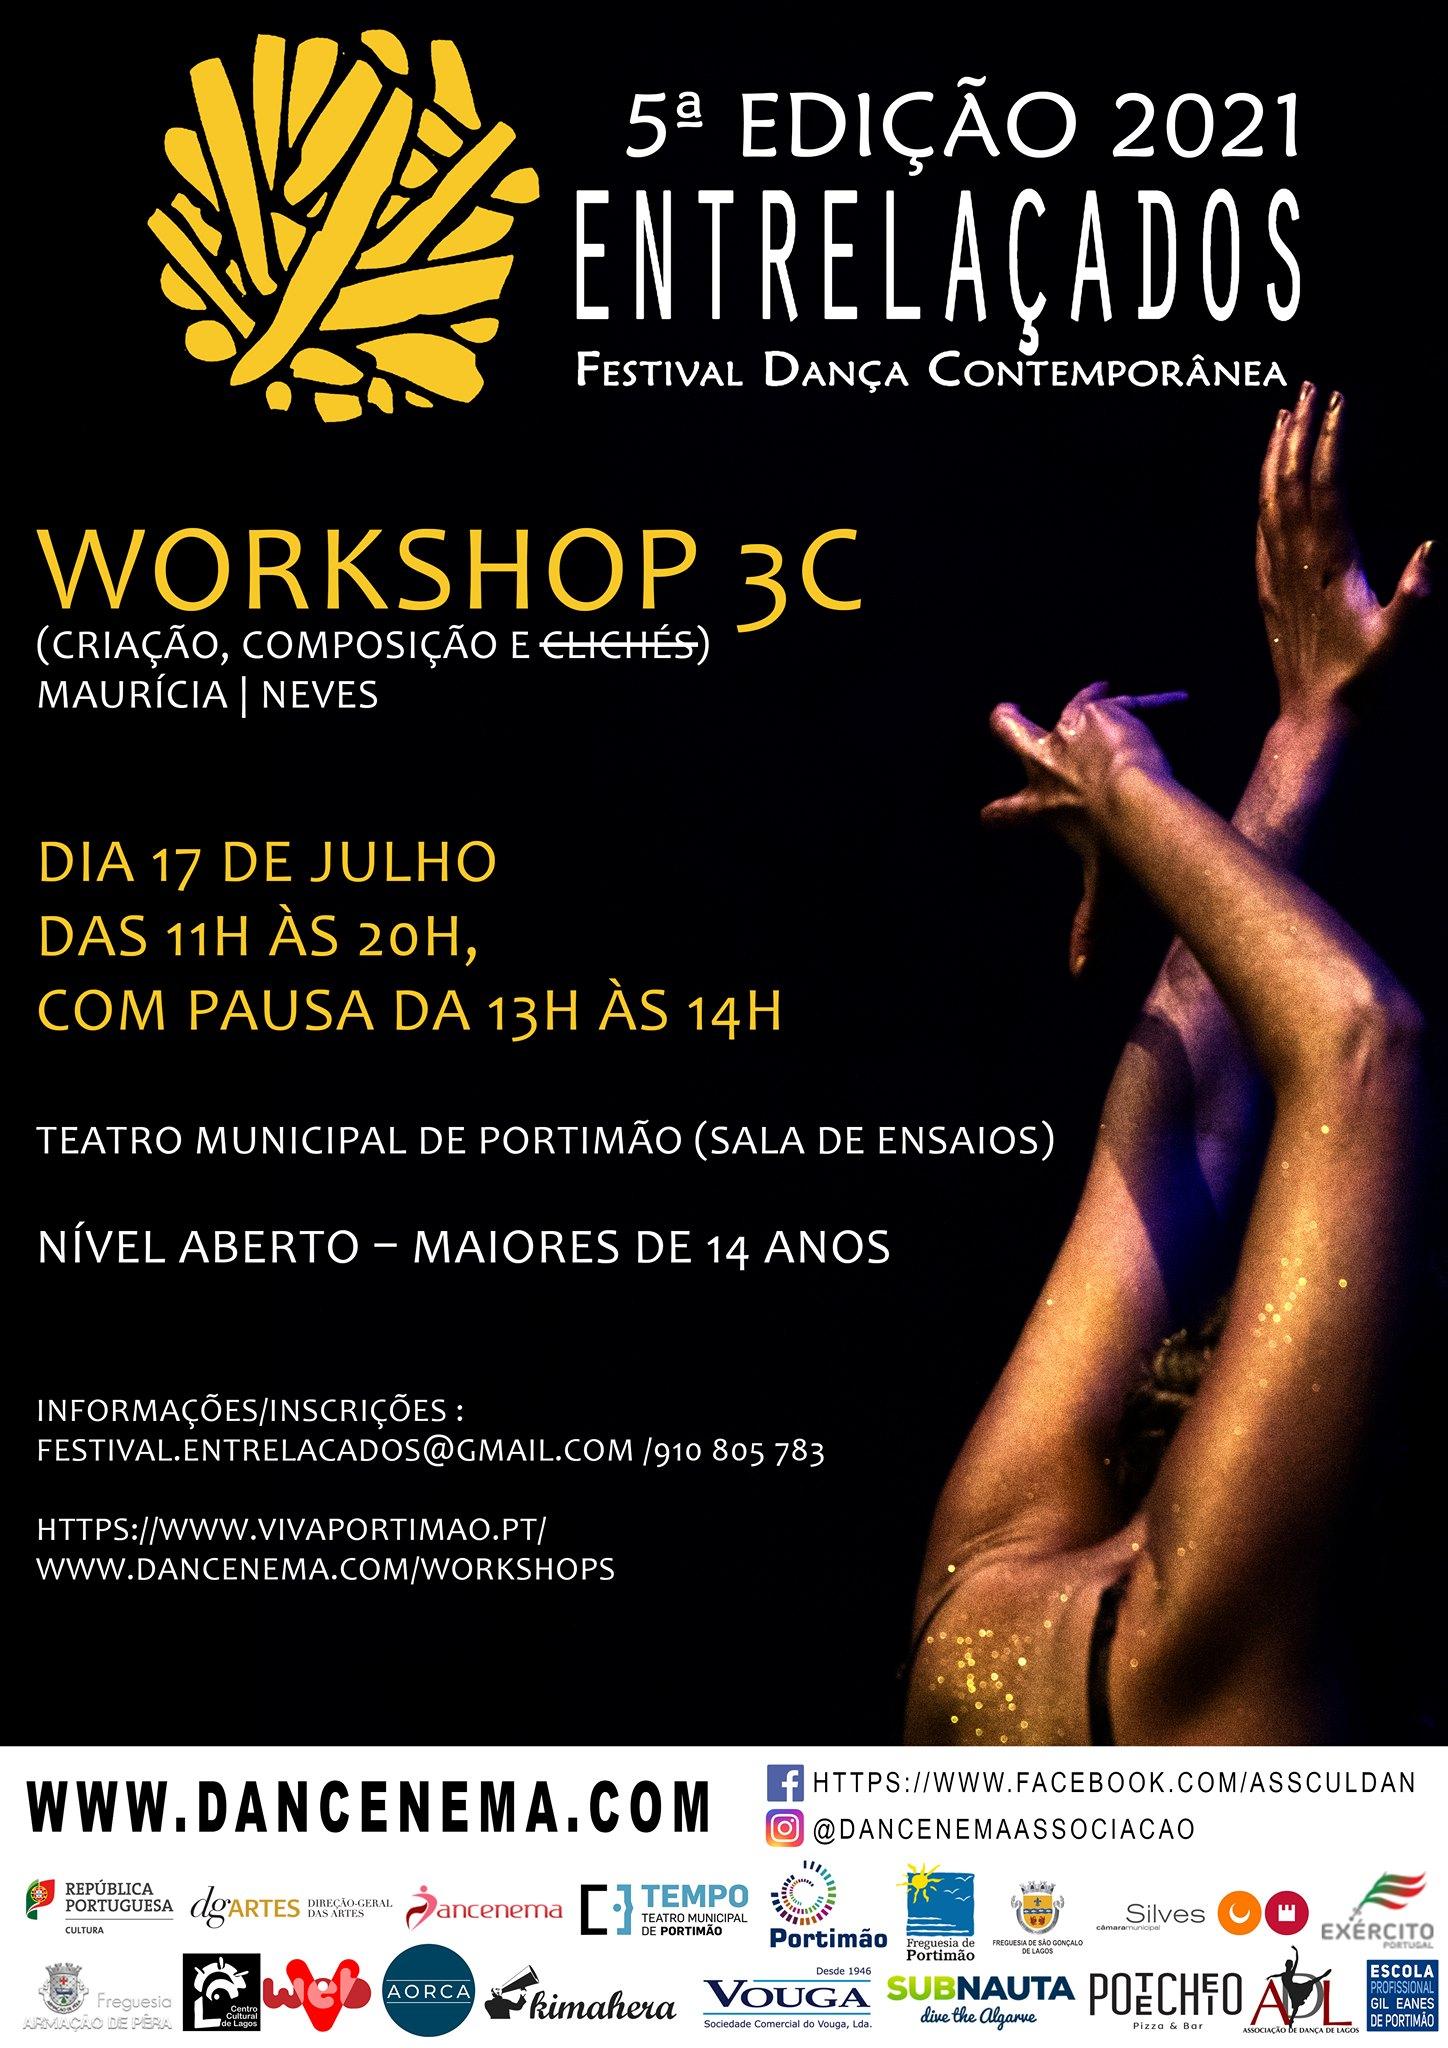 Workshop 3C (Criação, Composição e C̶l̶i̶c̶h̶é̶s̶)